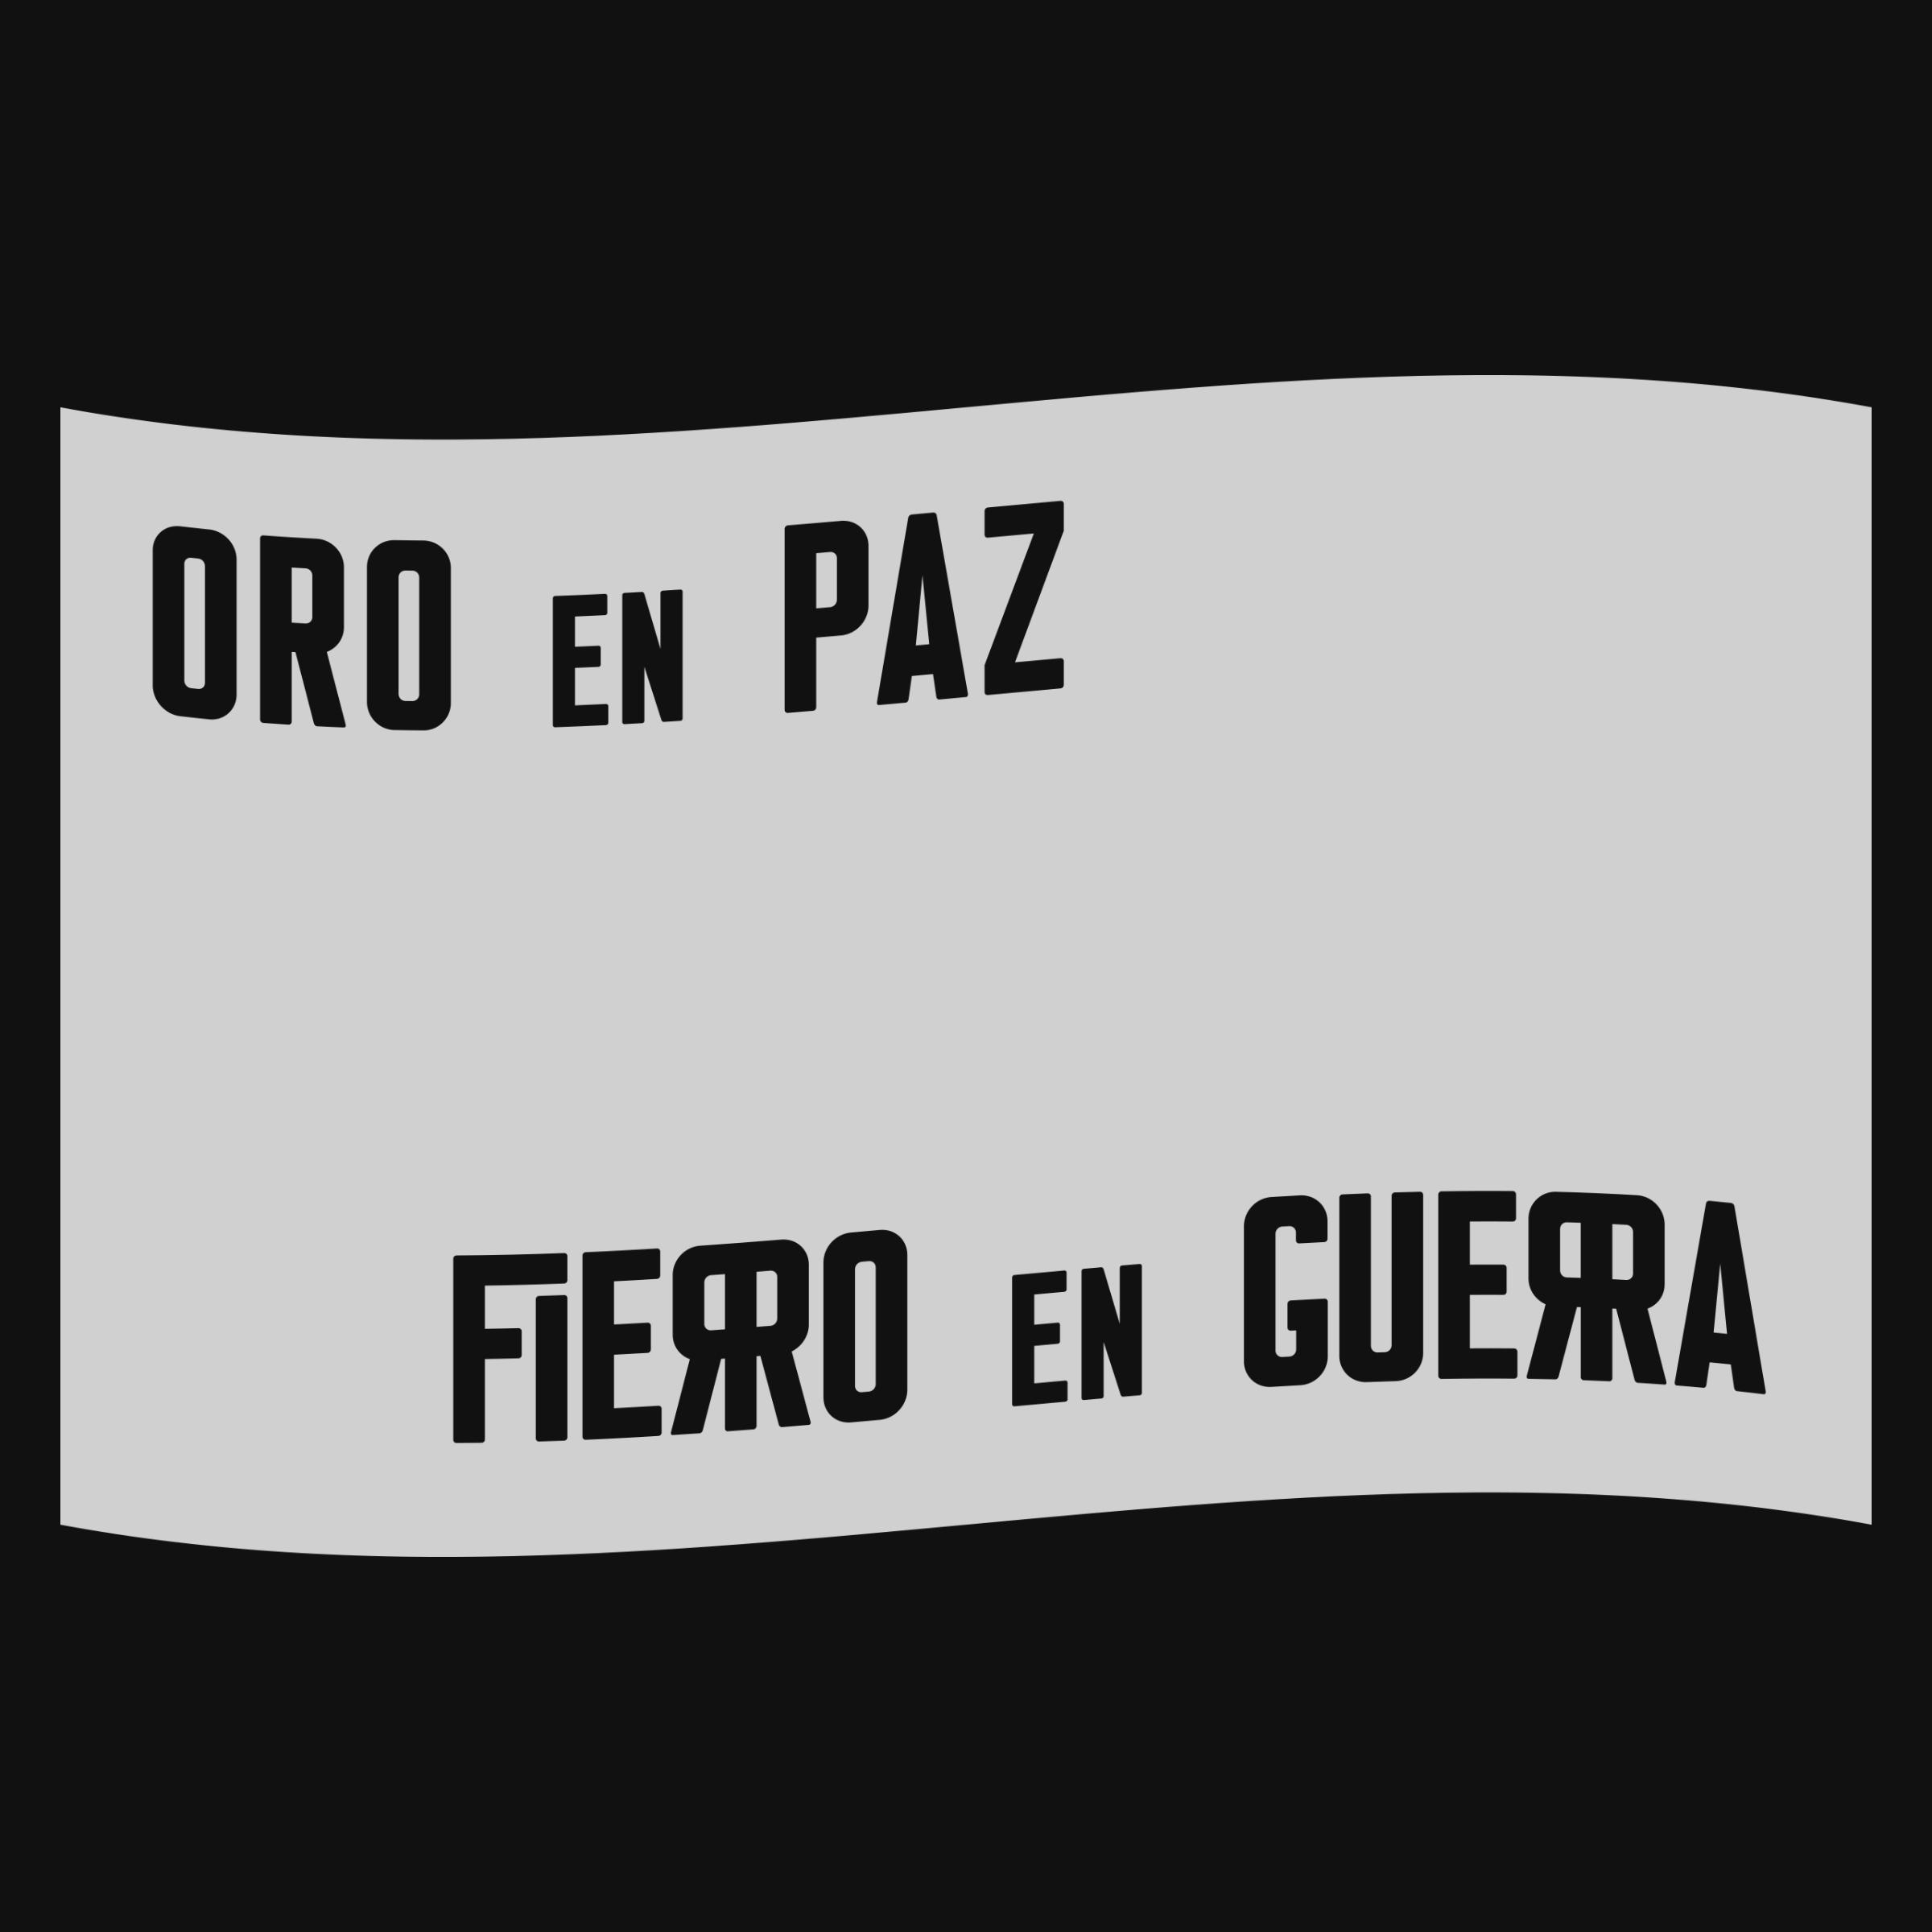 City Motto